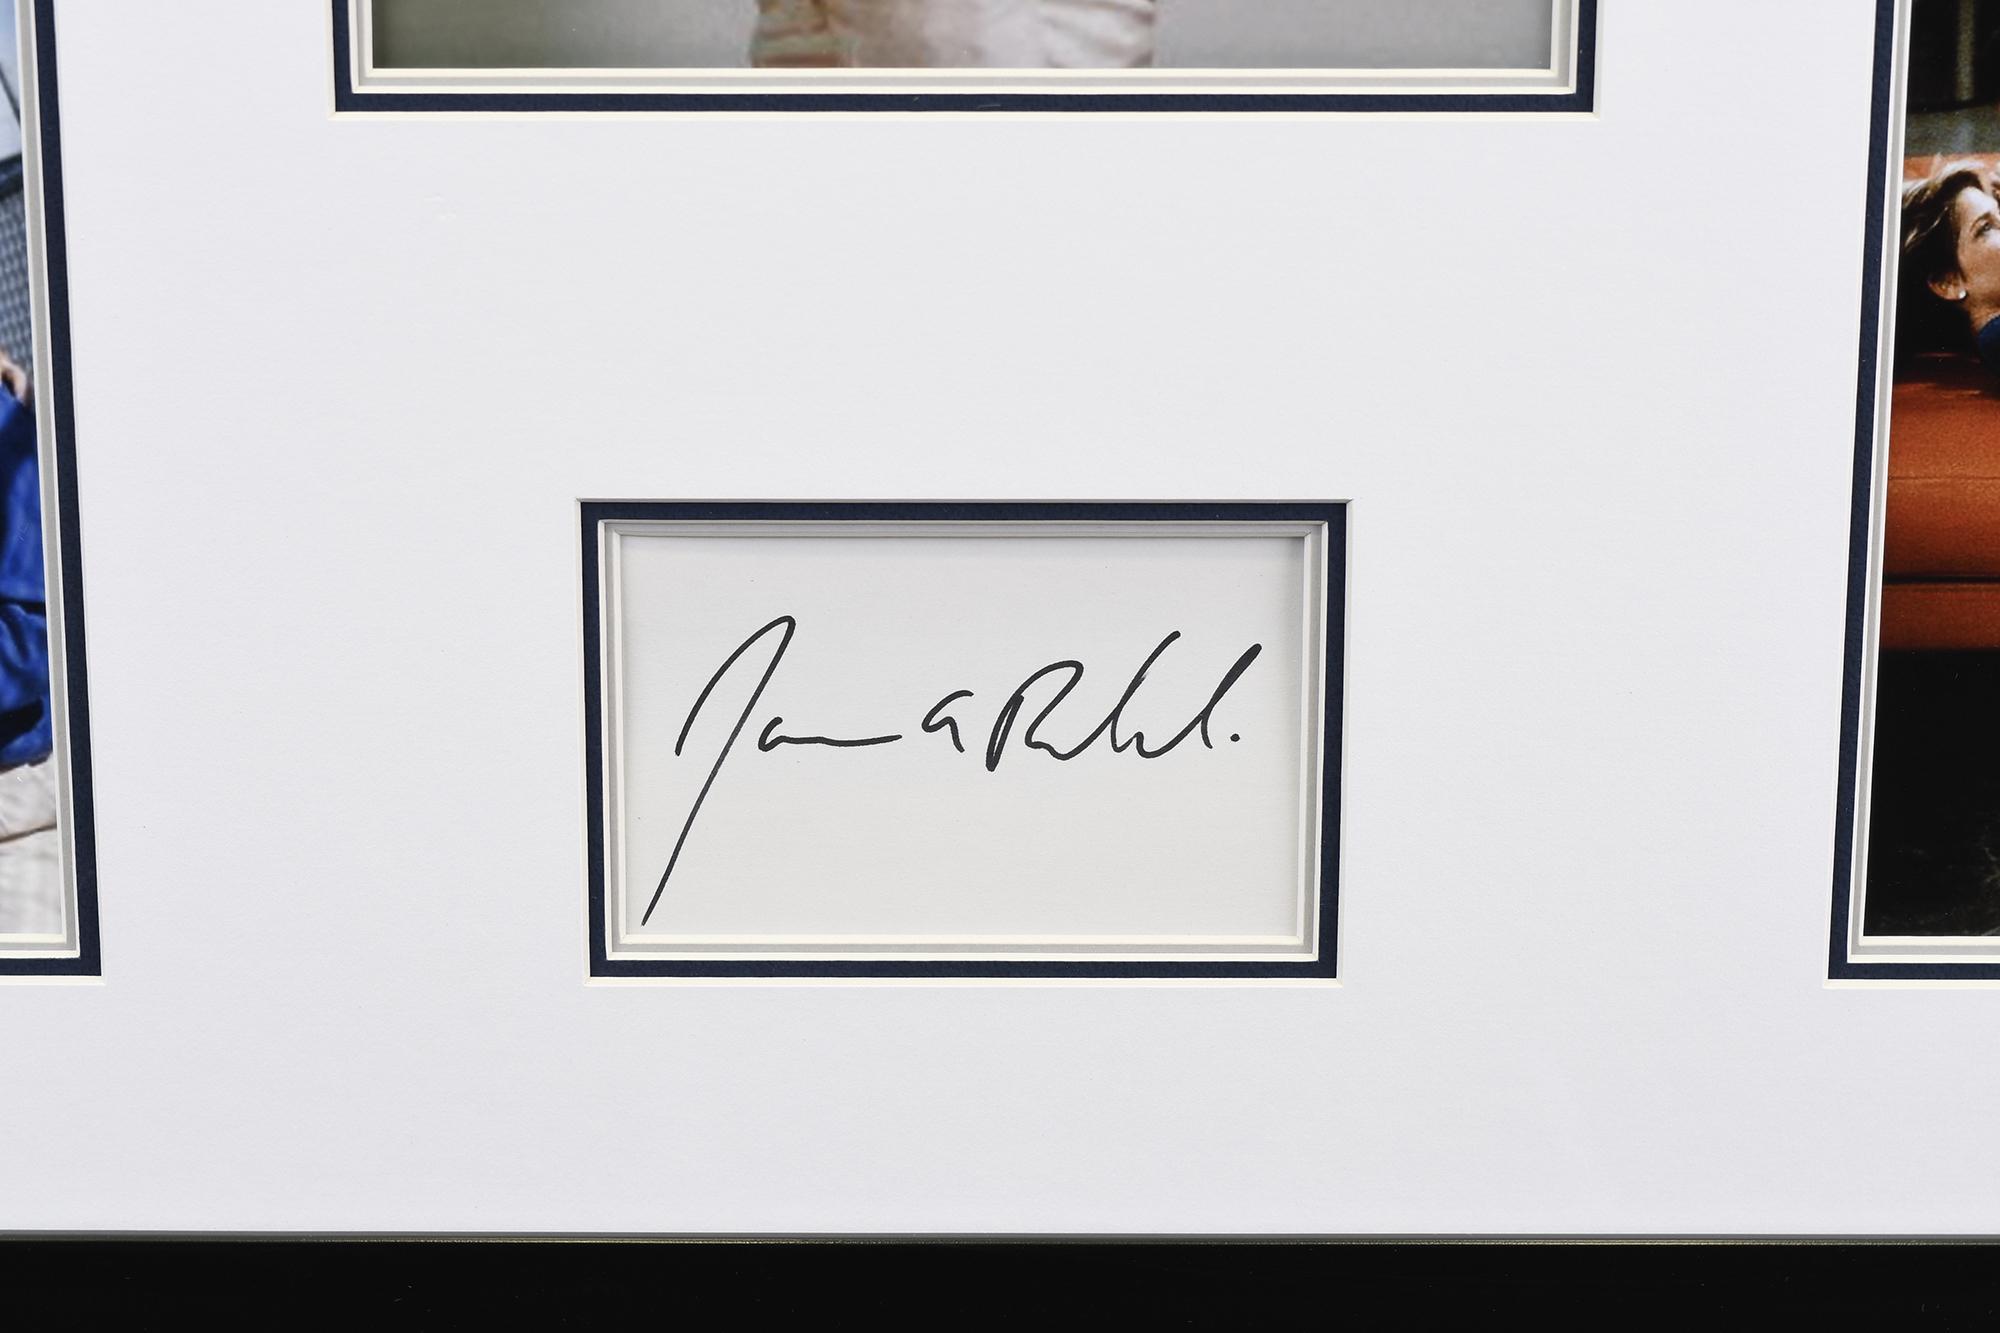 James Belushi Framed Presentation - Image 3 of 6